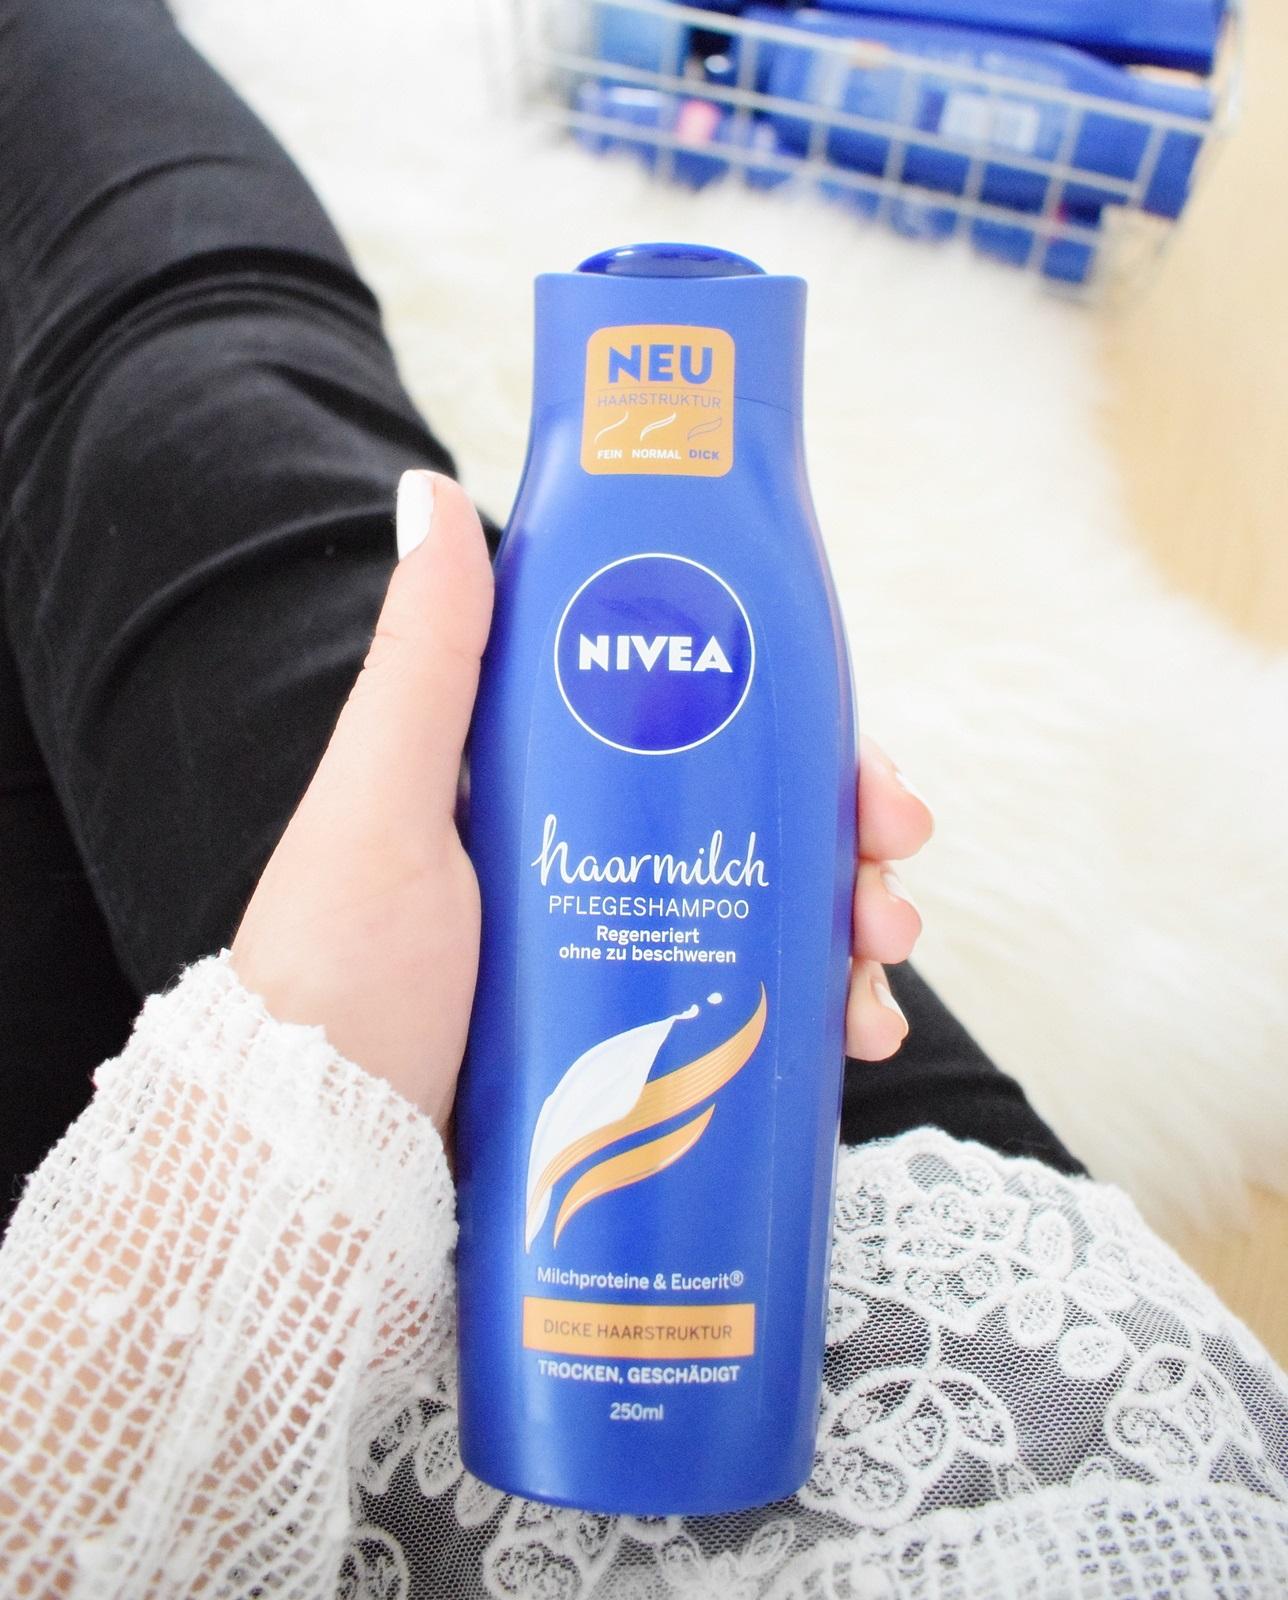 Nivea Haarmilch Shampoo